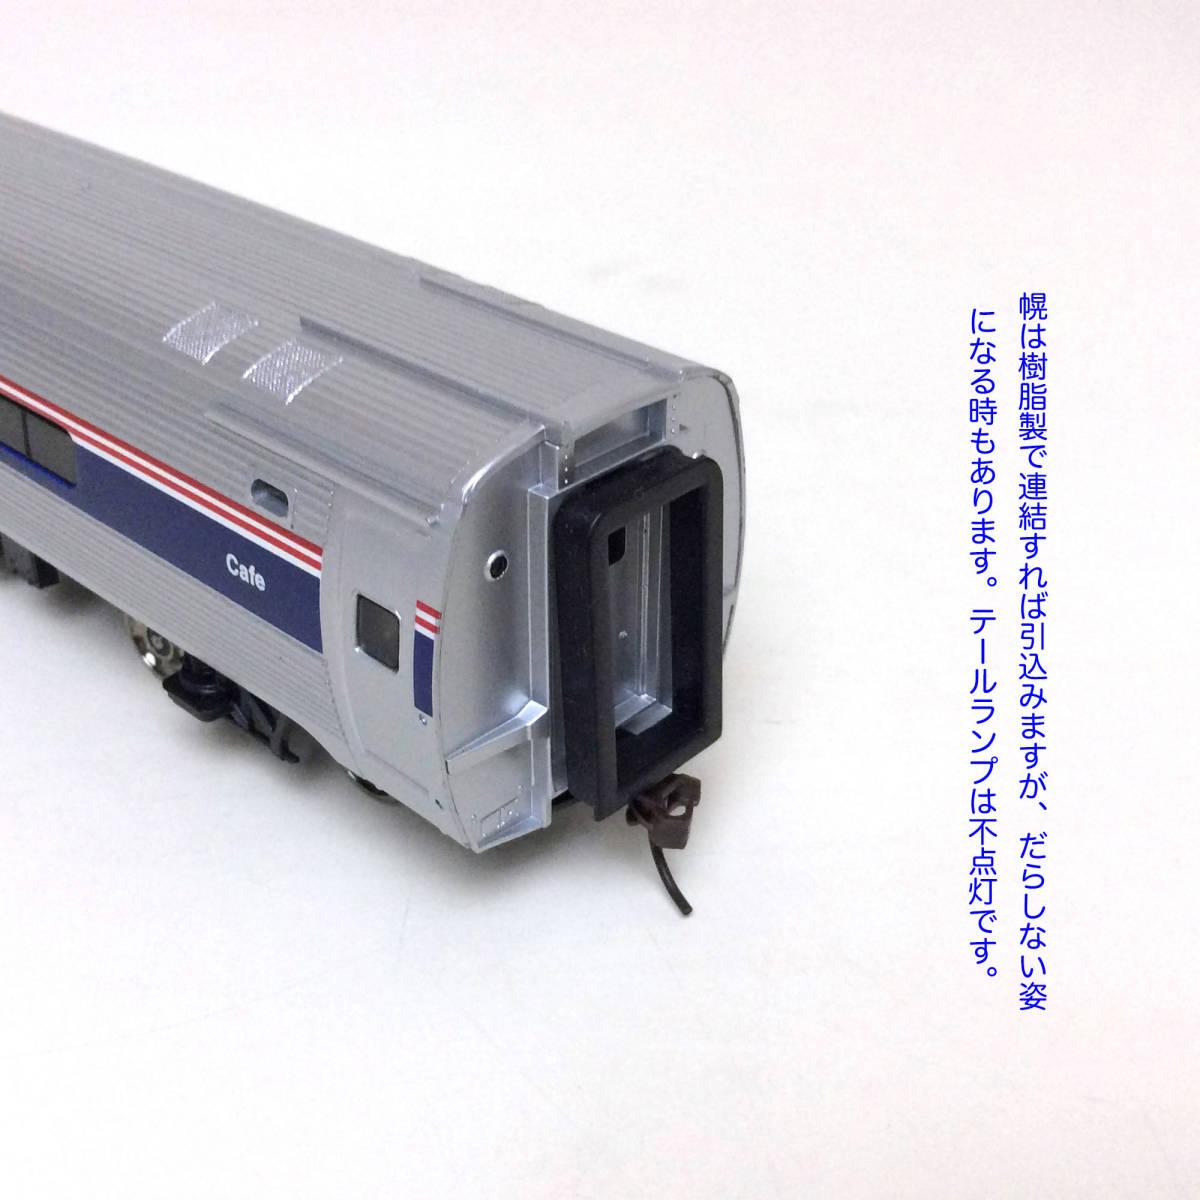 HOスケール アメリカ アムトラック AEM7形電気機関車とアムフリート客車5両【運行当時の東北地区全域時刻表付、ステップ破損で交換部品付】_画像6